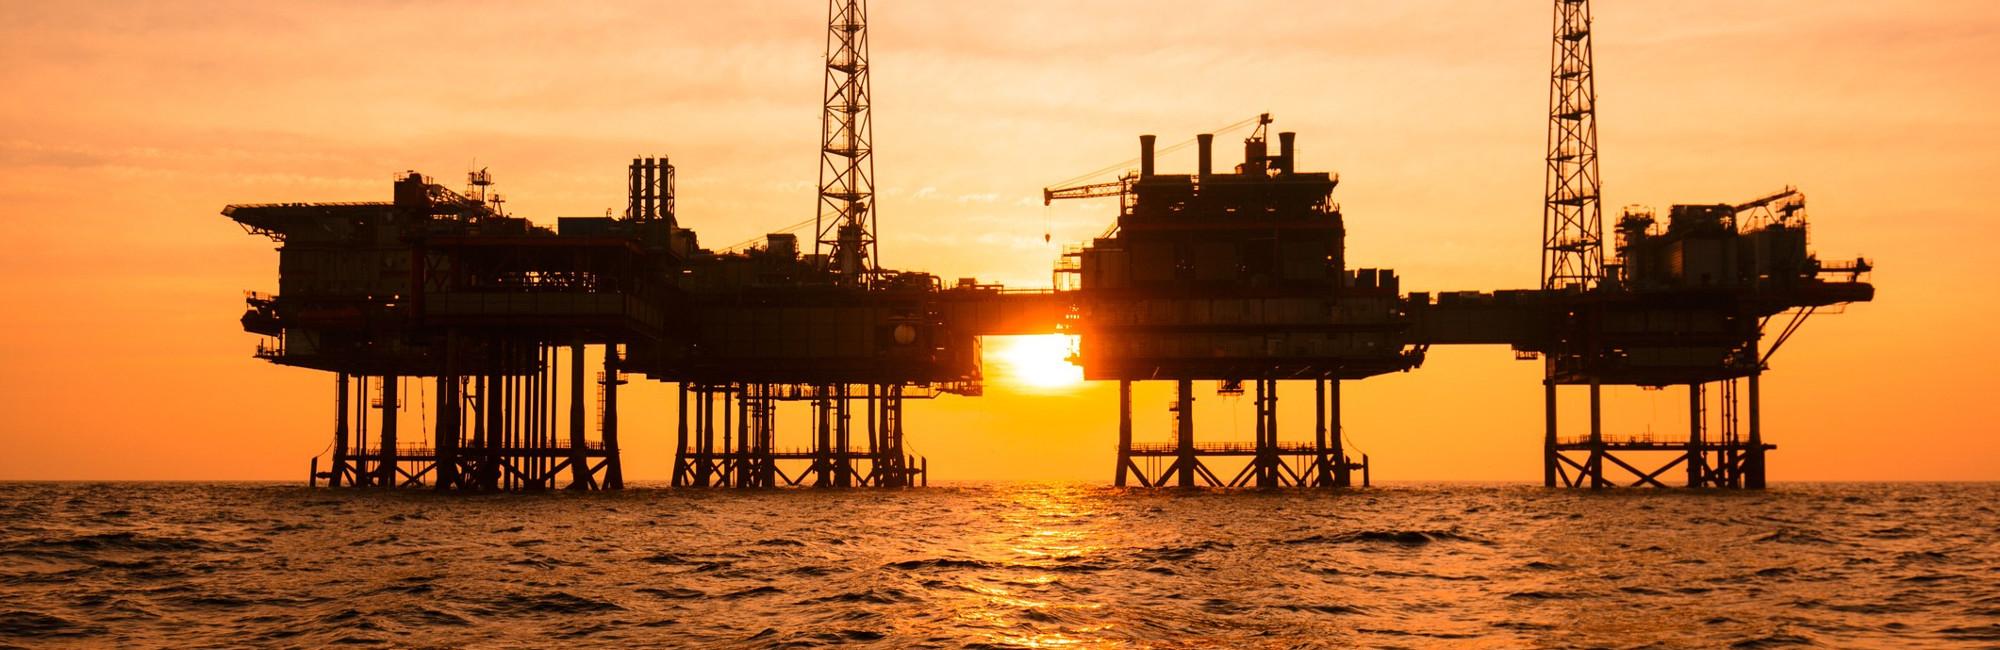 Mangueras para hidrocarburos en una gran variedad de usos, desde gasolineras, hasta grandes buques petroleros.